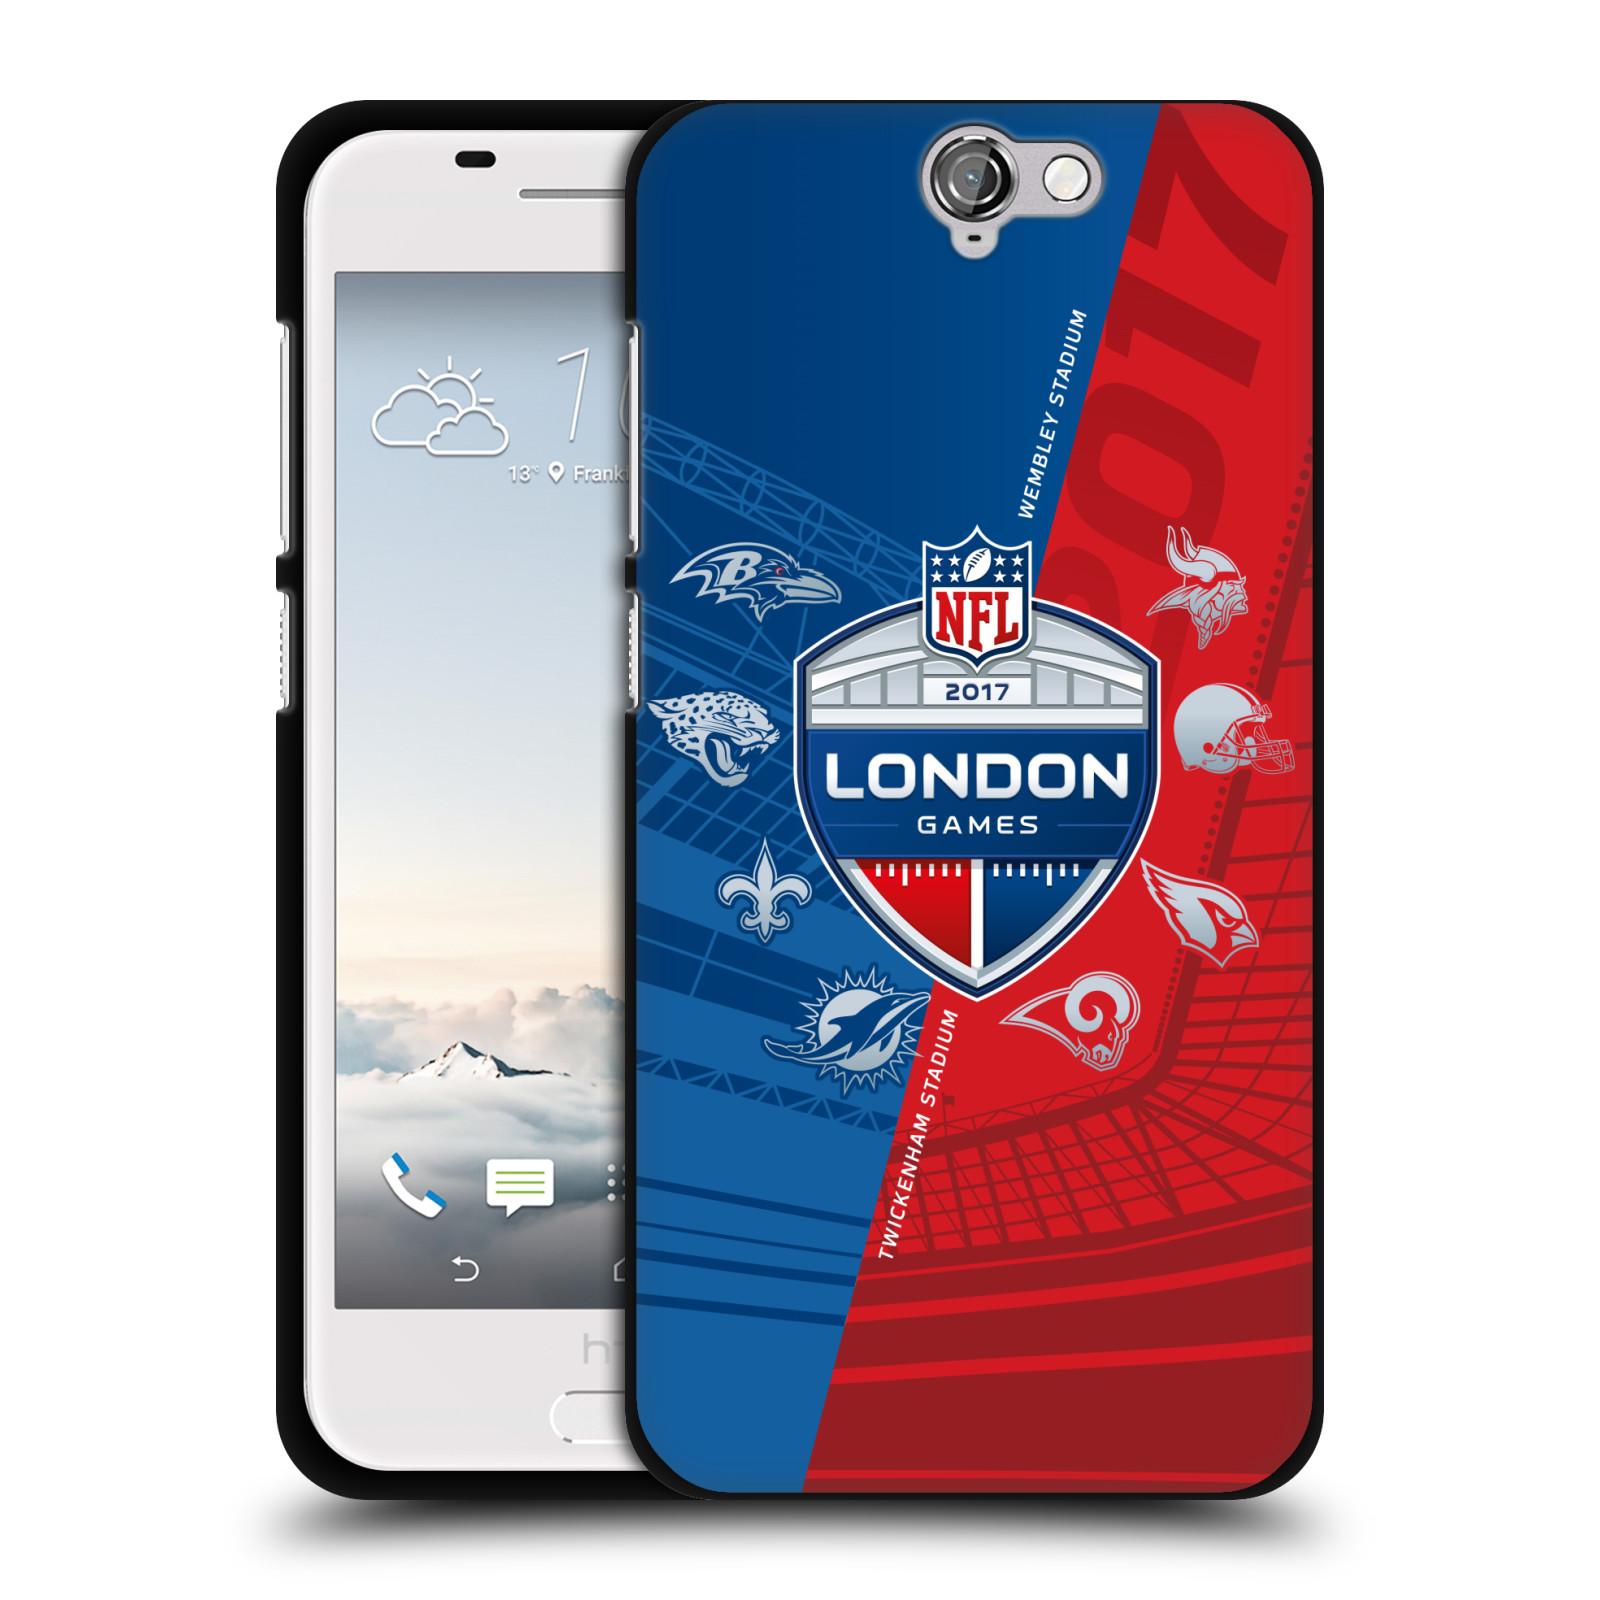 UFFICIALE-NFL-2017-LONDON-GAMES-TOURS-COVER-IN-MORBIDO-GEL-NERA-PER-HTC-TELEFONI